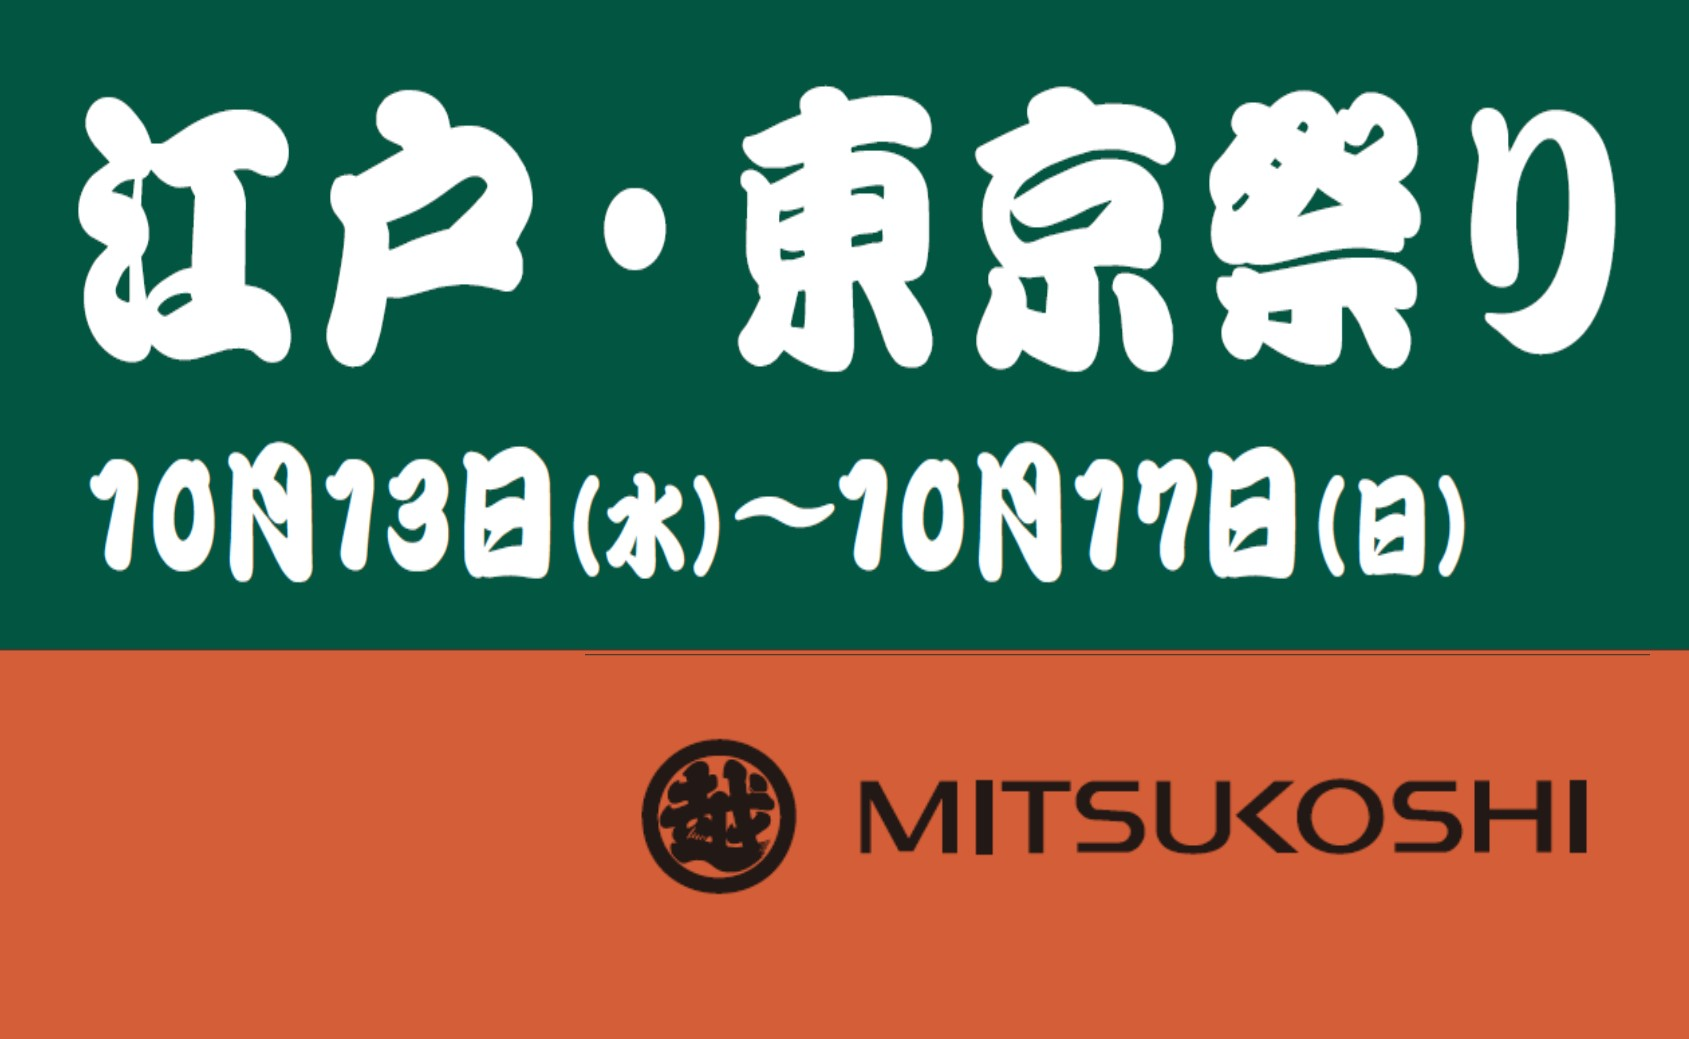 【10月13日~】江戸・東京まつり開催!!!